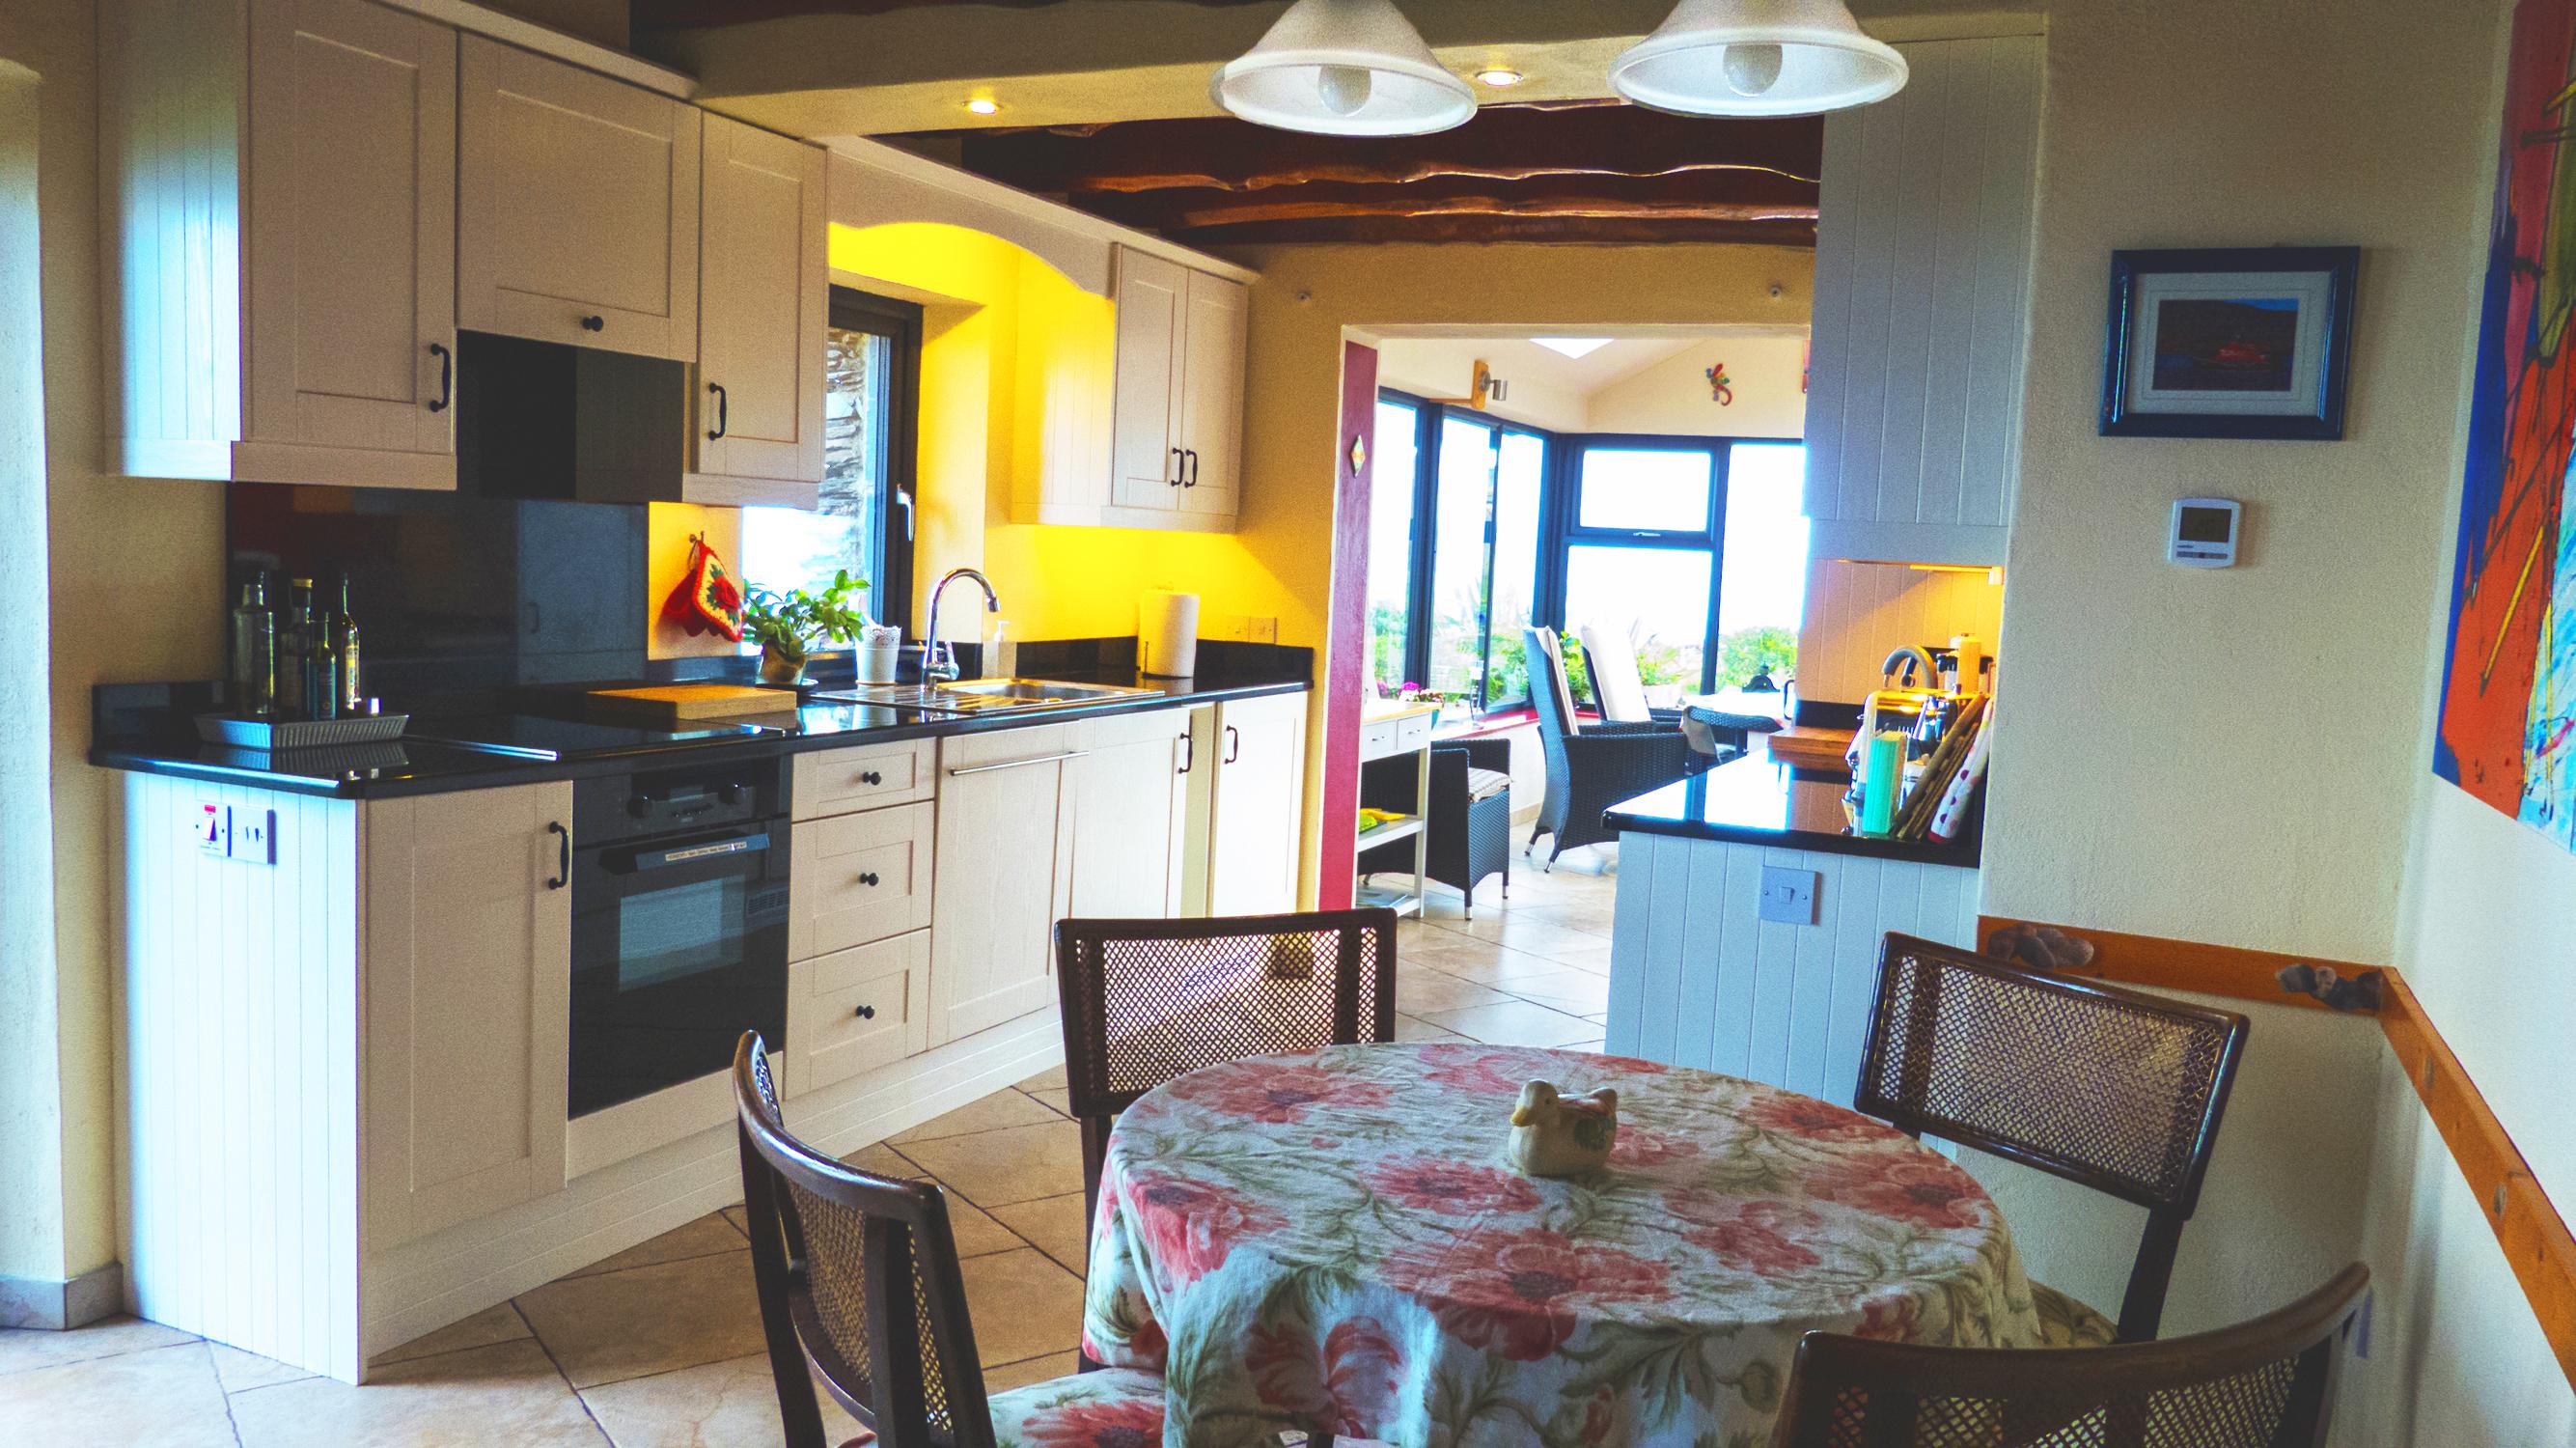 Ferienhaus, Kerry, Irland, 05 Küche mit Seeblick, Bild 1, Holiday ...